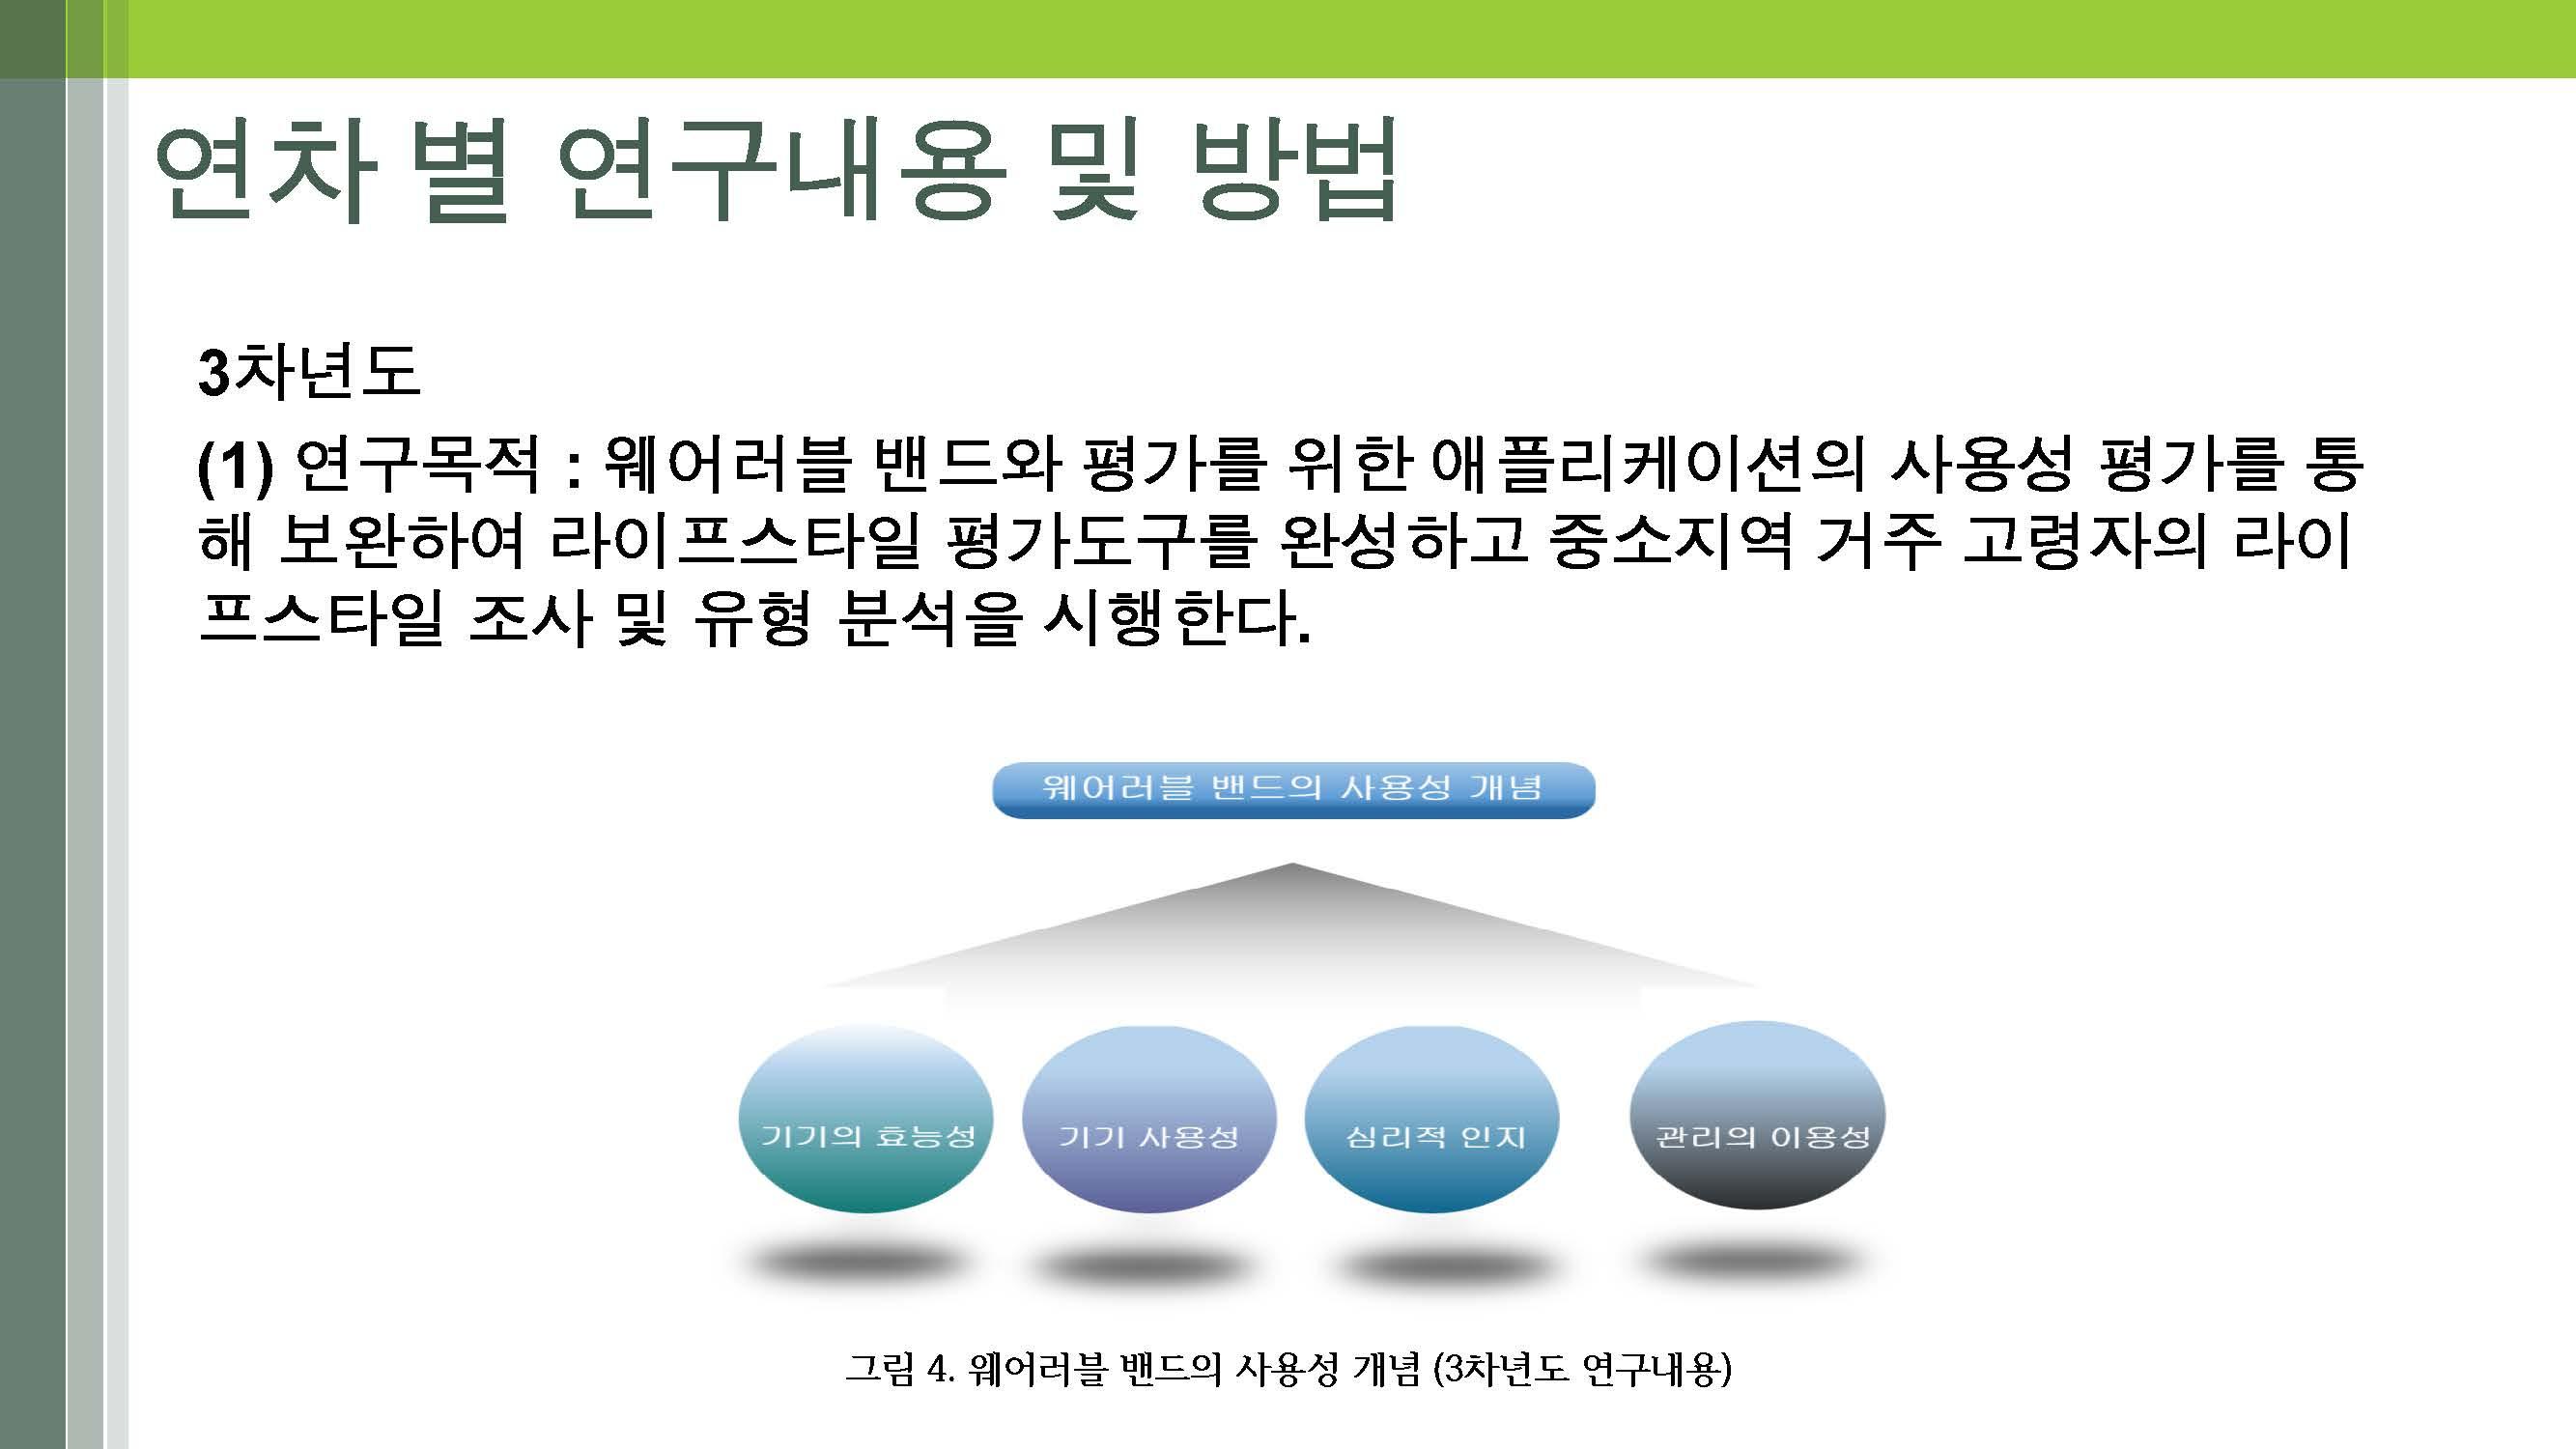 노인의 다면적 라이프스타일 개발(연세대-박지혁) (최종)_페이지_16